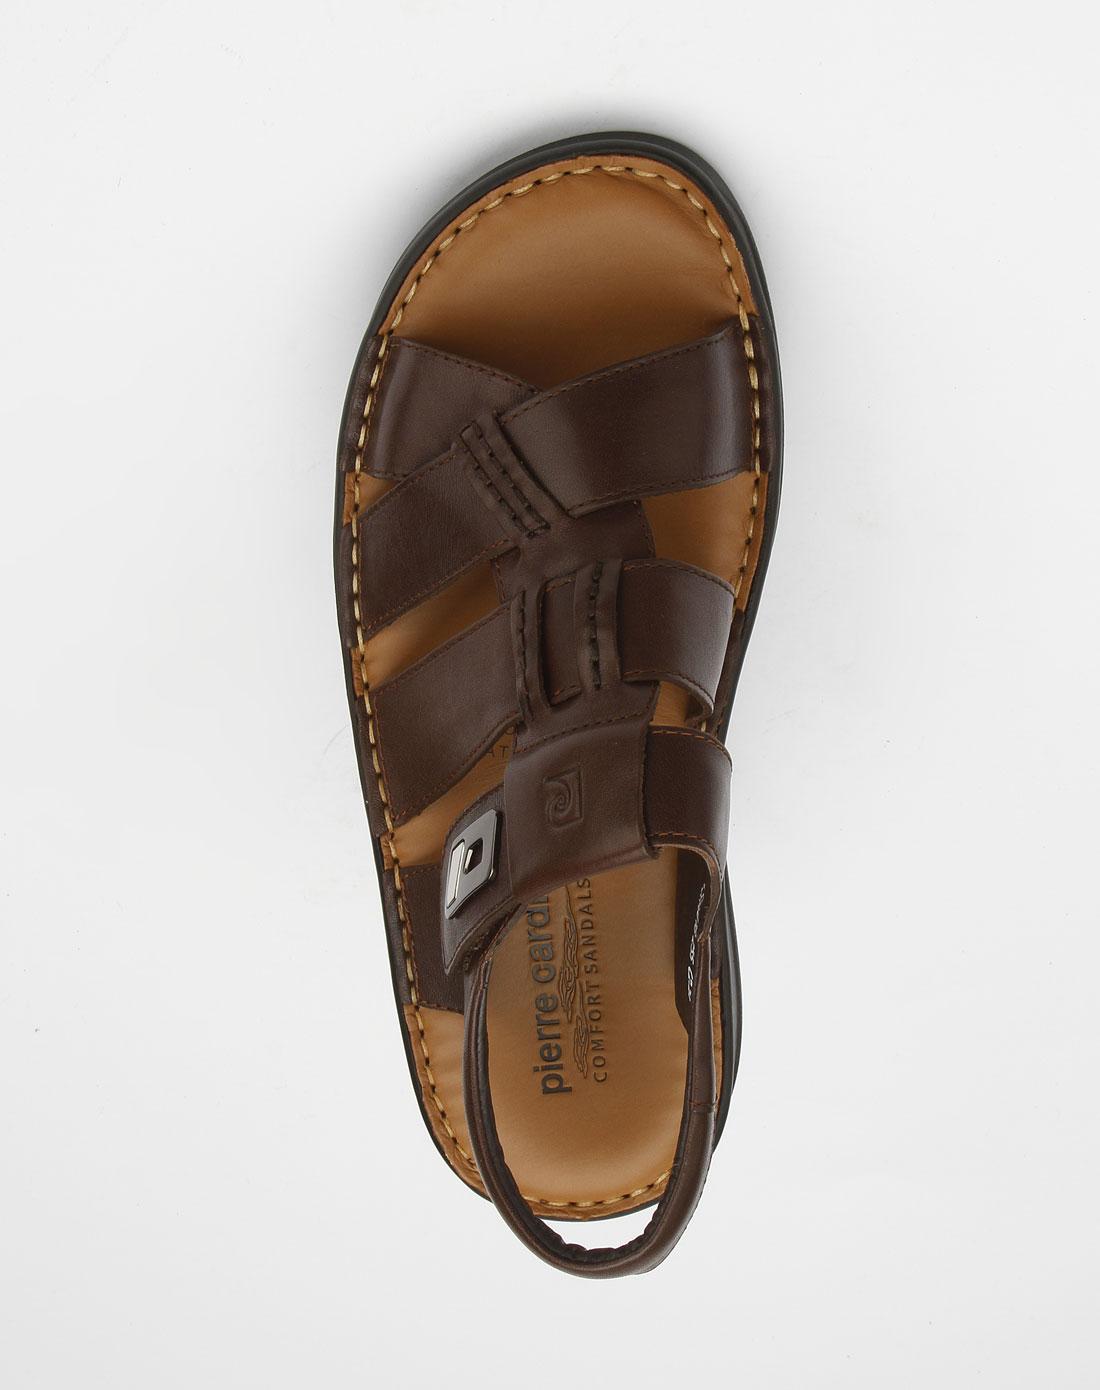 cardin-男款啡色时尚凉鞋